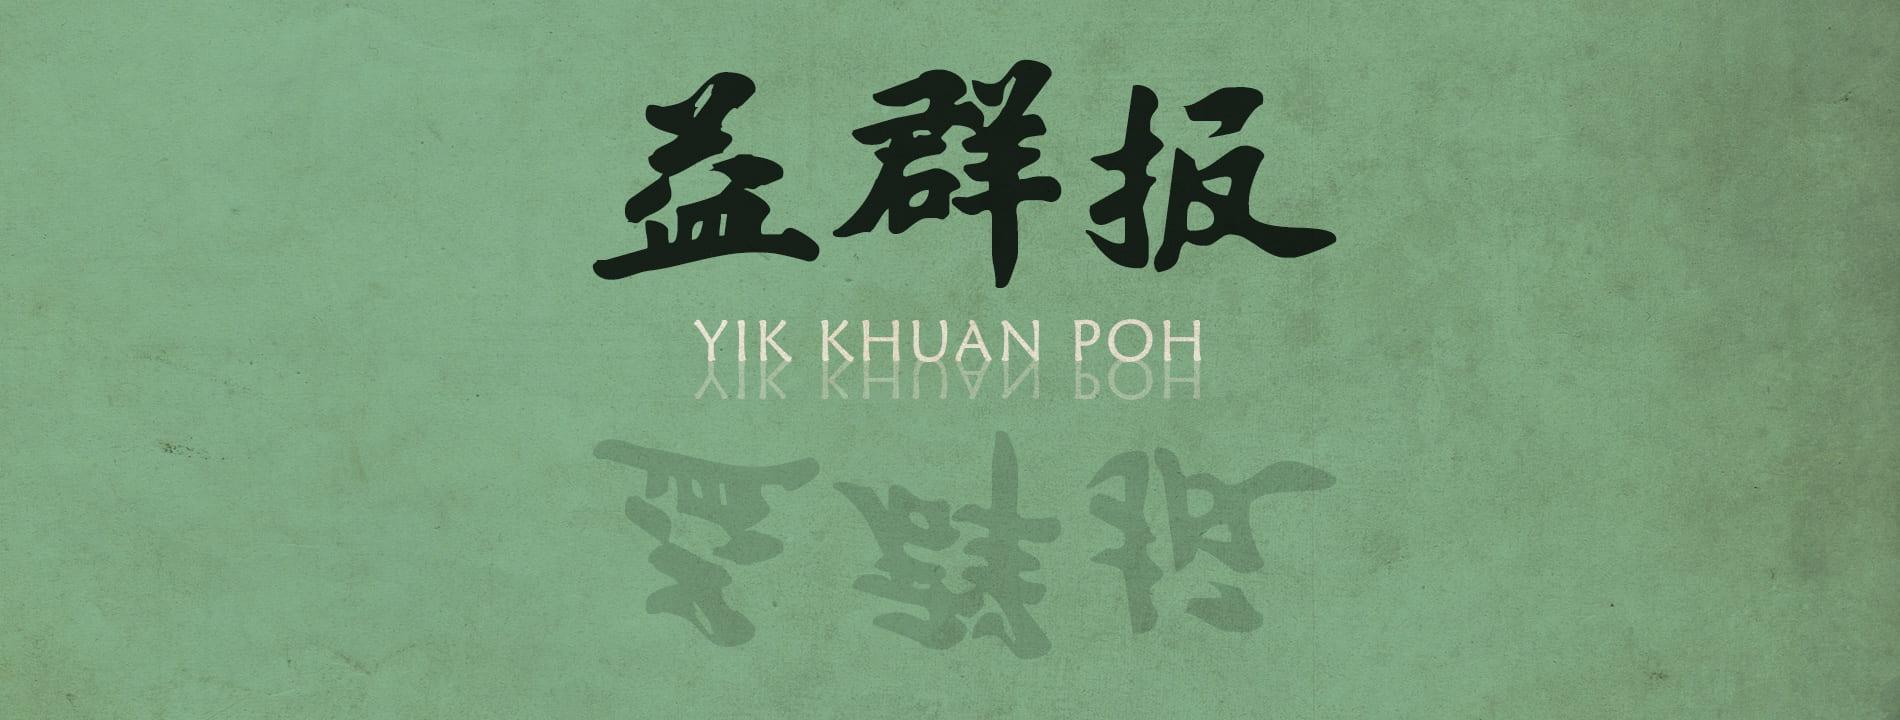 yik khuan poh